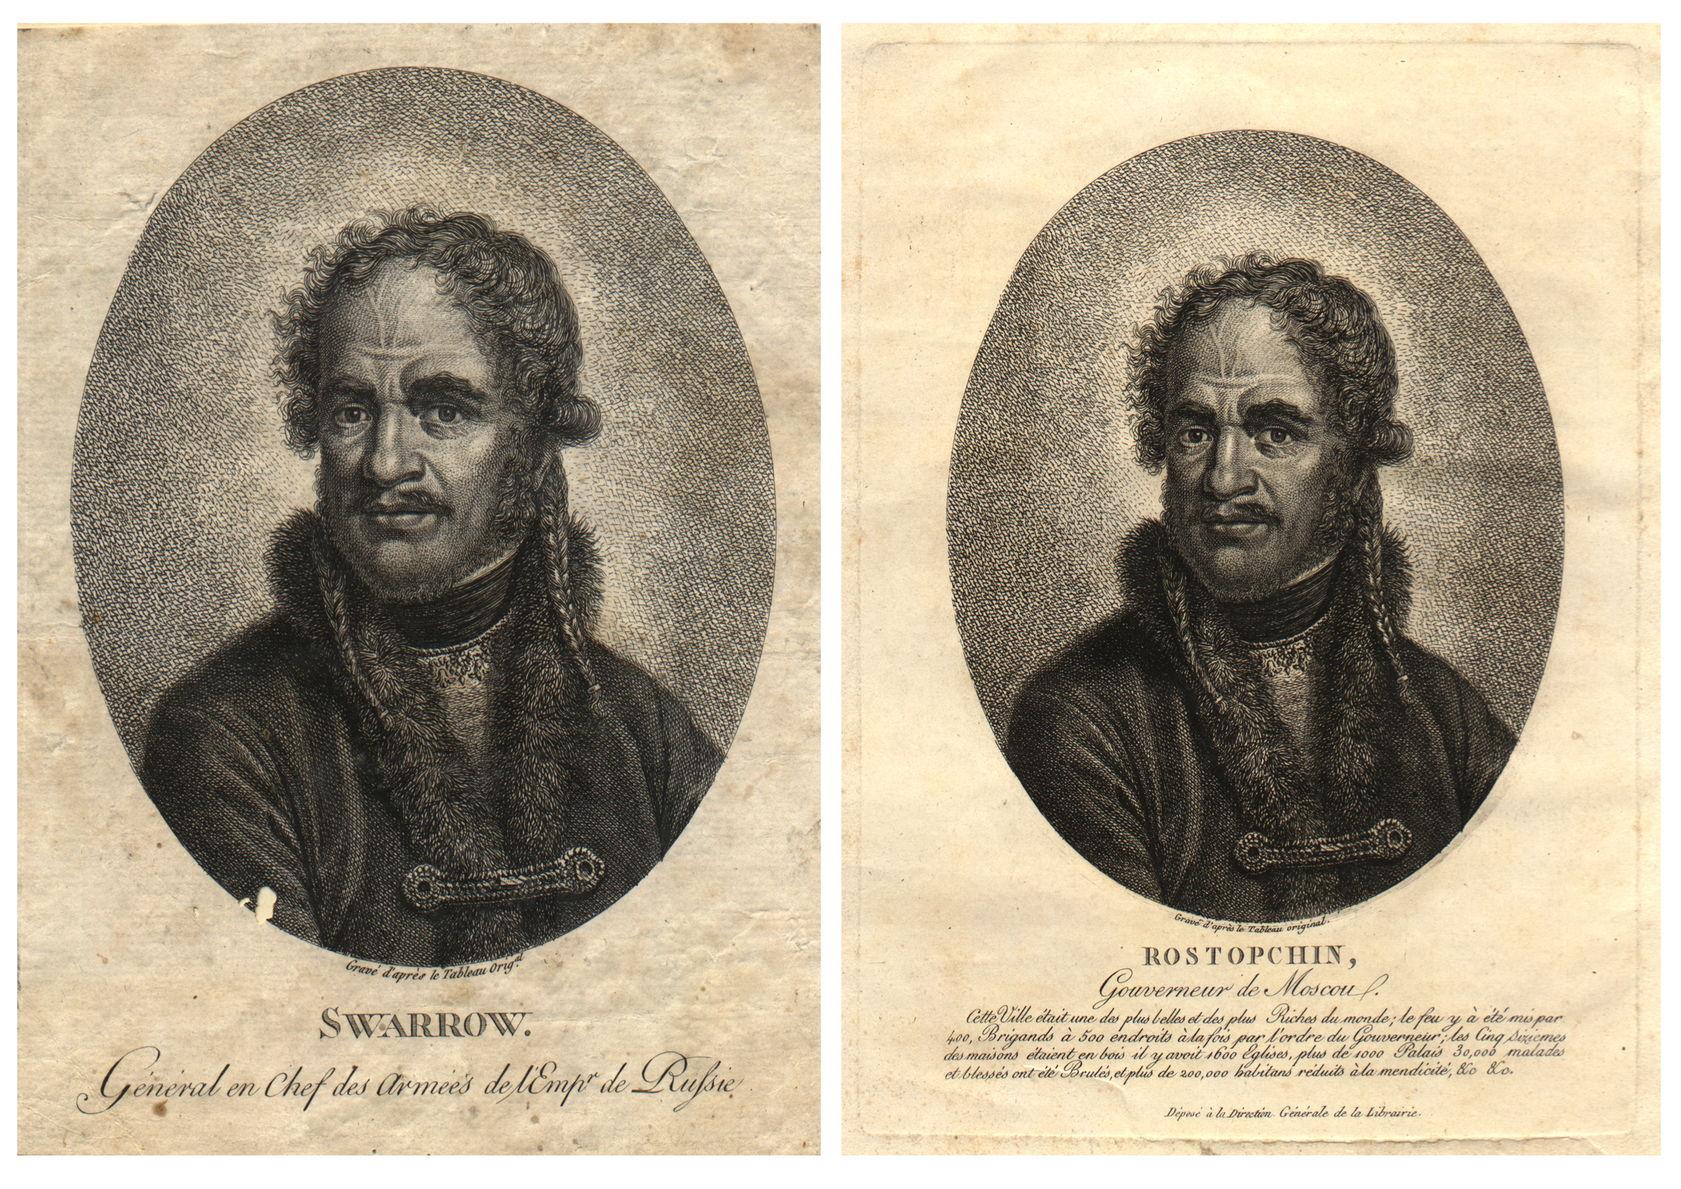 Суворов (Растопчин) Гравюра неизвестного художника, 1810-е / Портрет Ф.В. Ростопчина Гравюра неизвестного художника, 1810-е